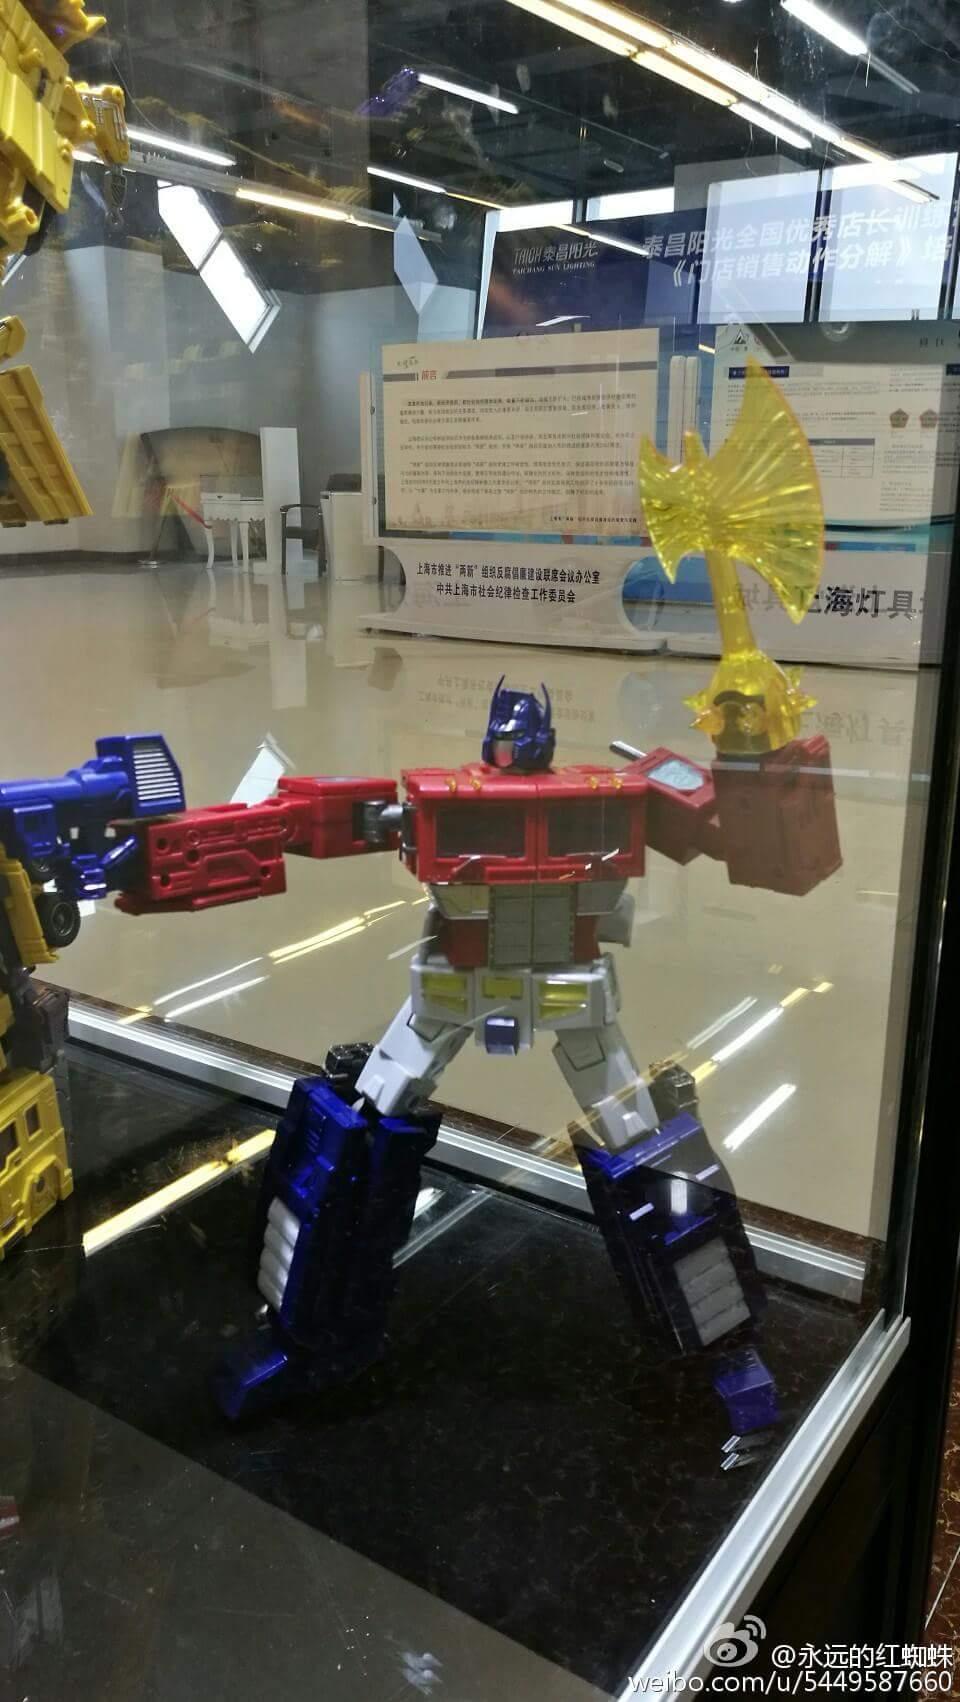 [ToyWorld][Zeta Toys] Produit Tiers - TW-M01 Primorion/Zeta-EX6O OriPrime et Zeta -EX6E EvaPrime - aka Optimus (G1 et Evangelion) GI2AGVuB